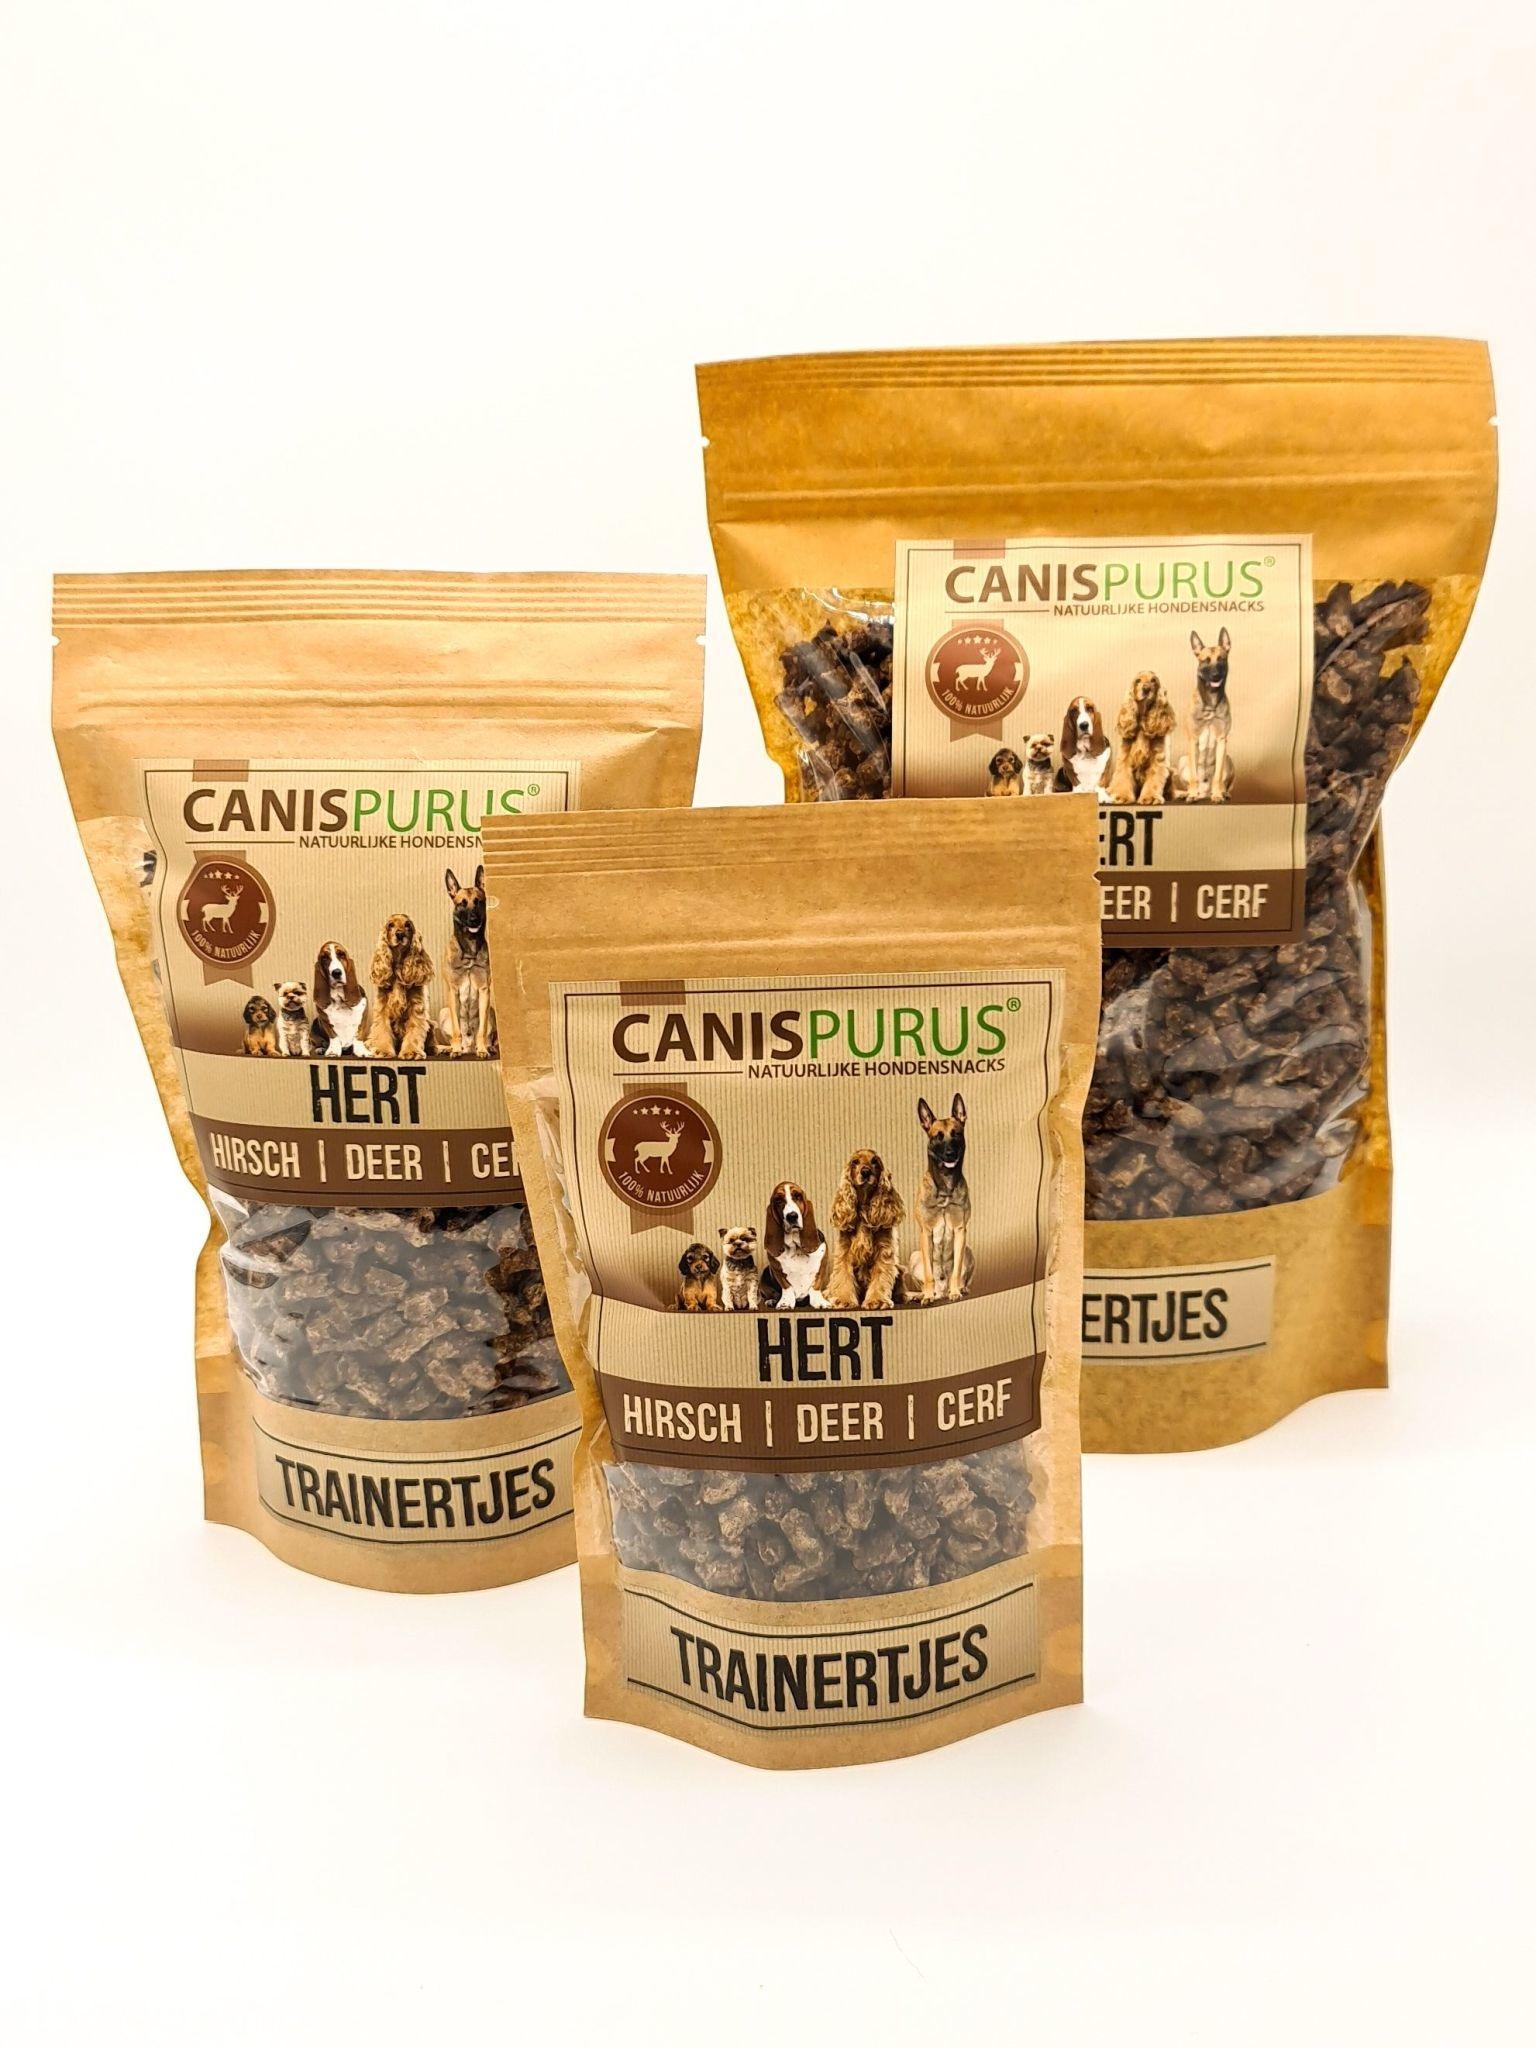 Canis Purus Canis Purus trainertjes hert 500 gr